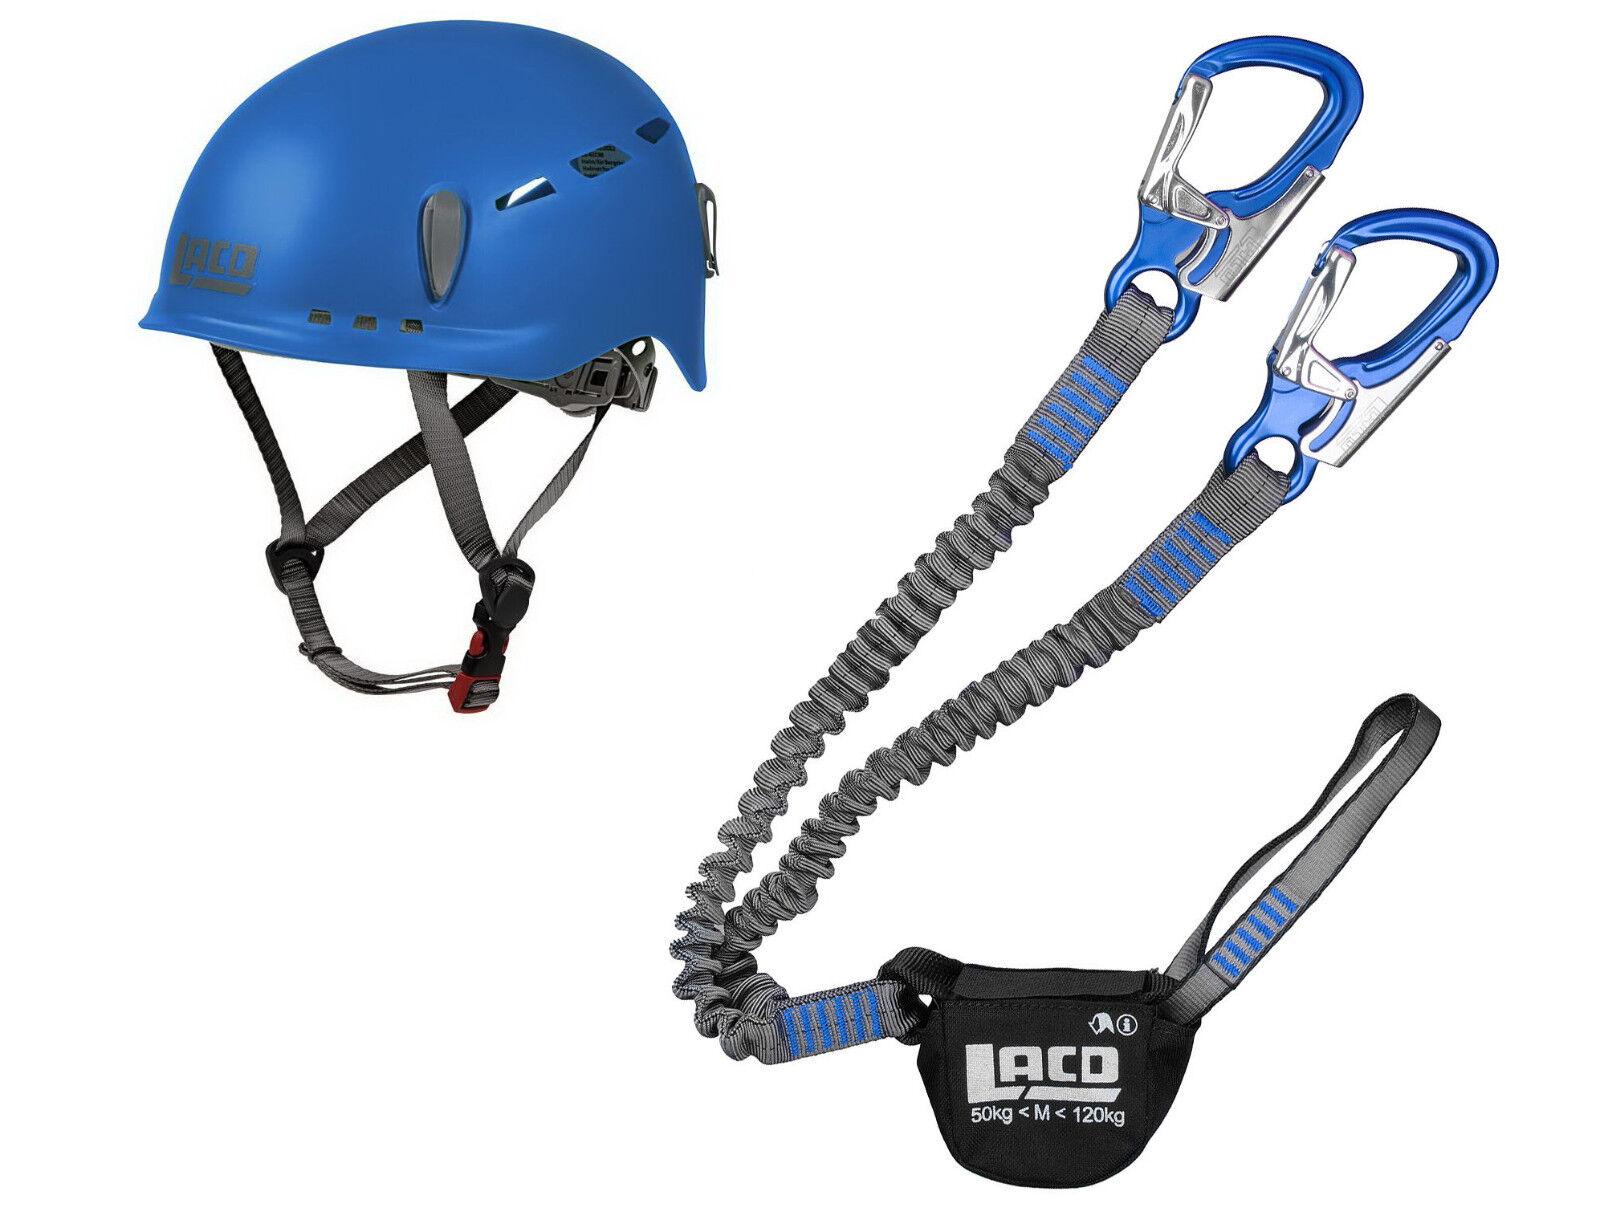 Klettersteigset LACD Pro Evo blue + Kletter-Helm Protector 2.0 blue